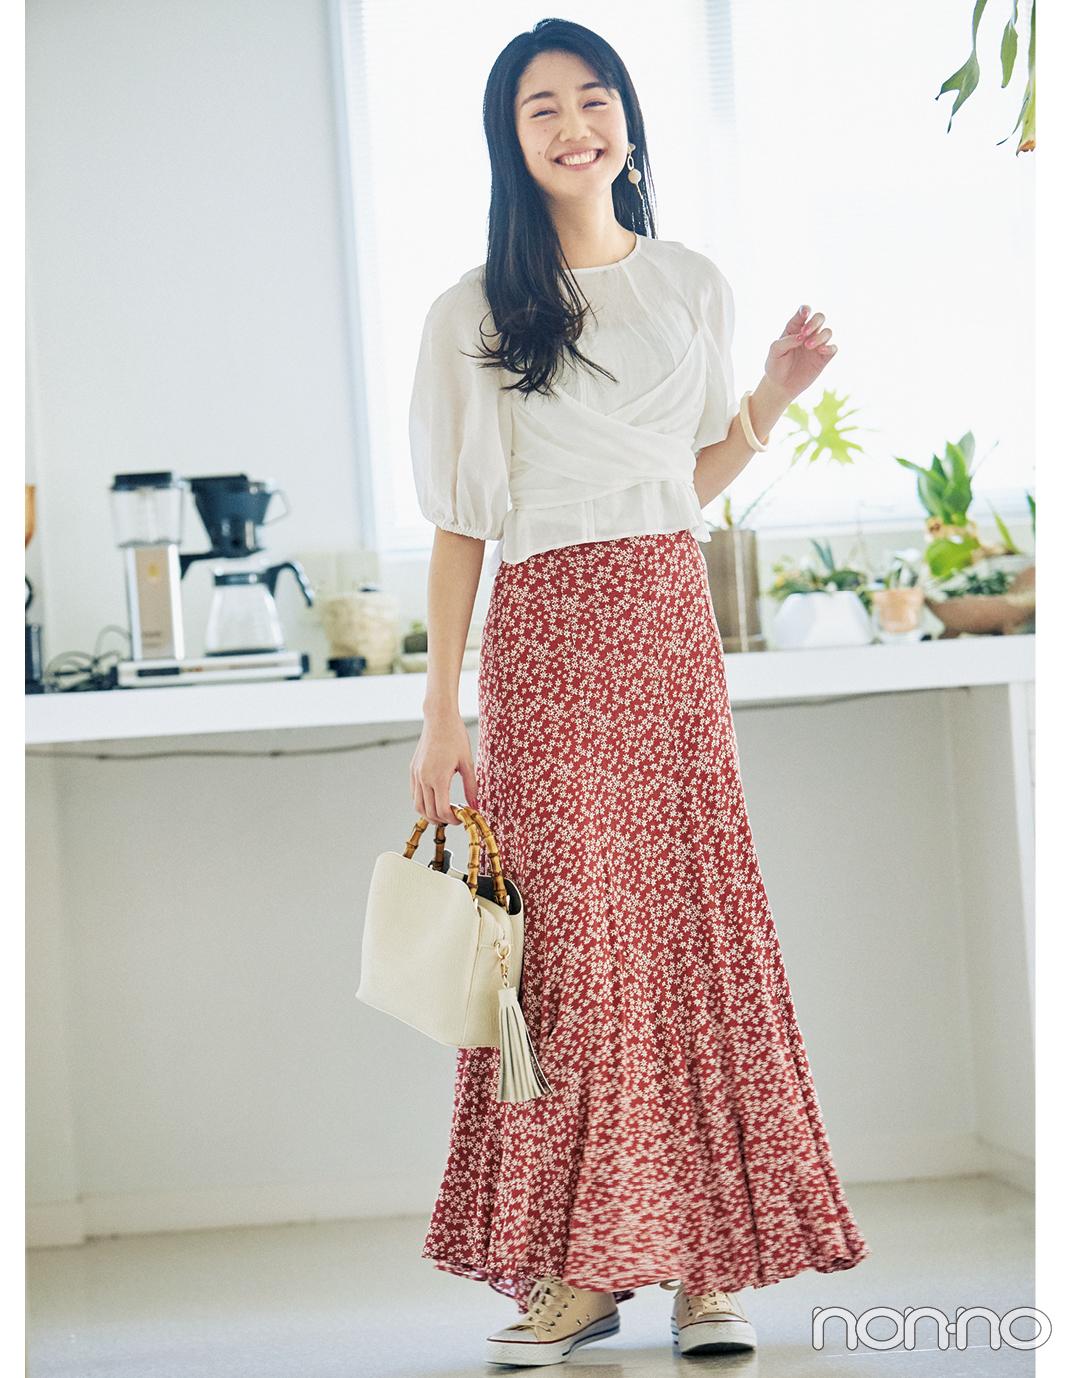 2月~3月の体感寒い日&暖かい日、小花柄スカートはこんなに使える!_1_4